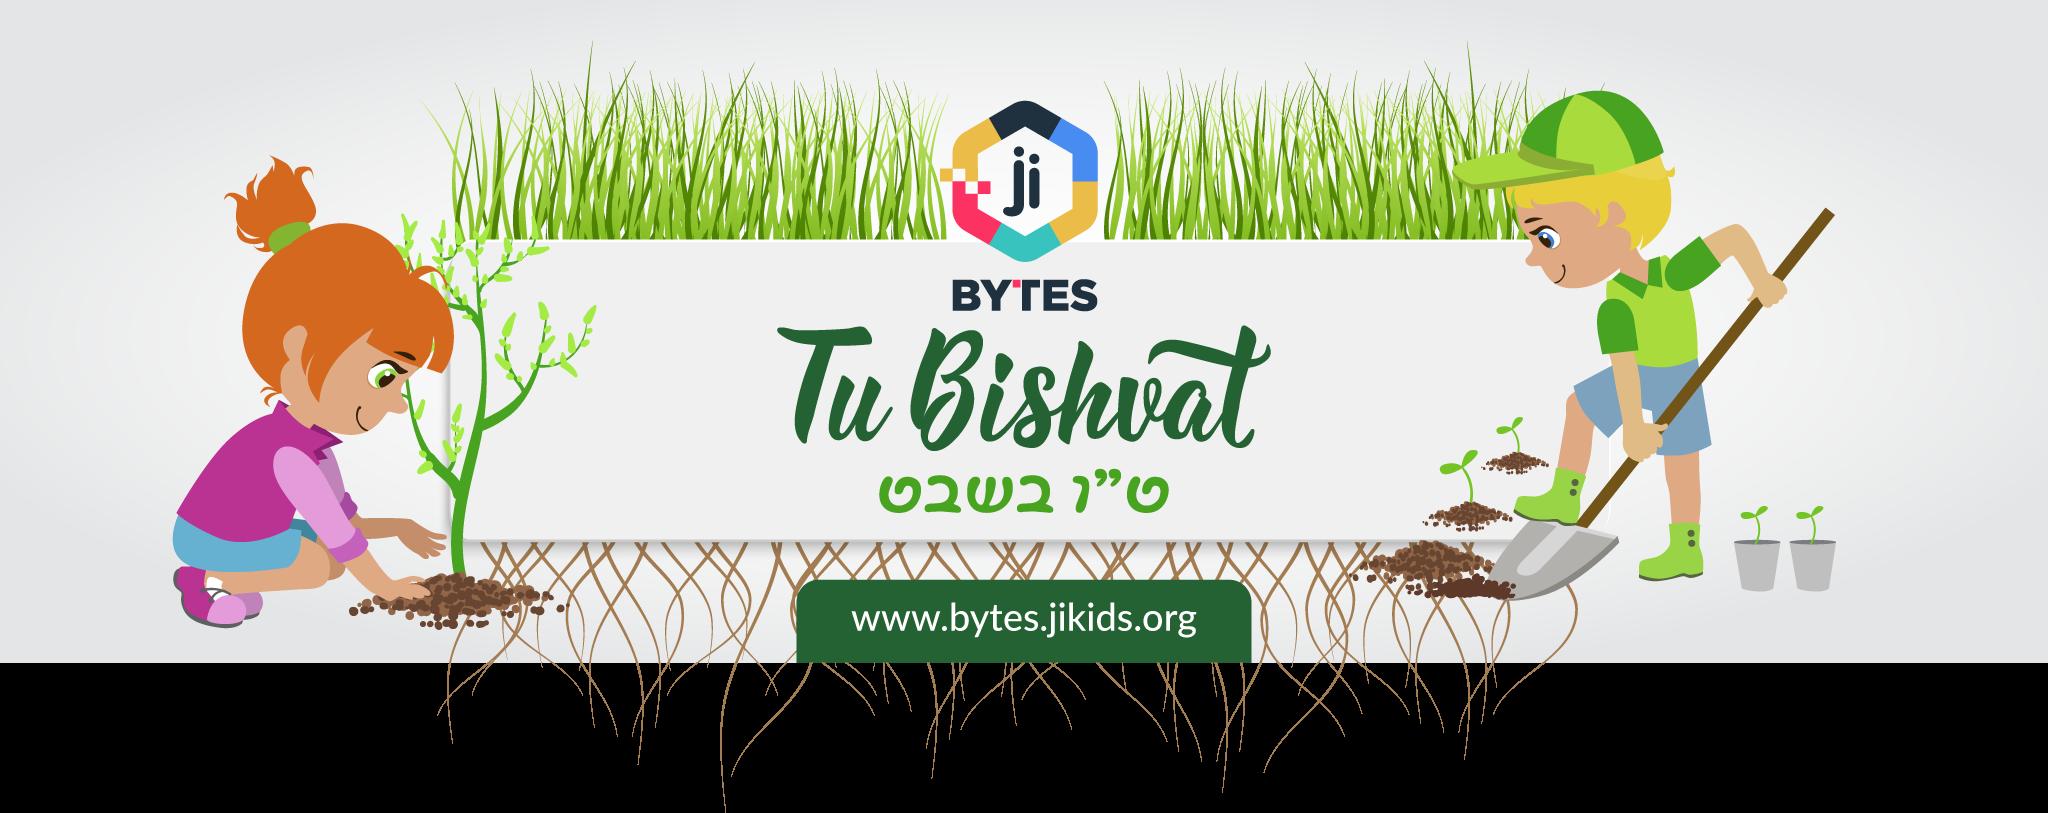 Tubishvat